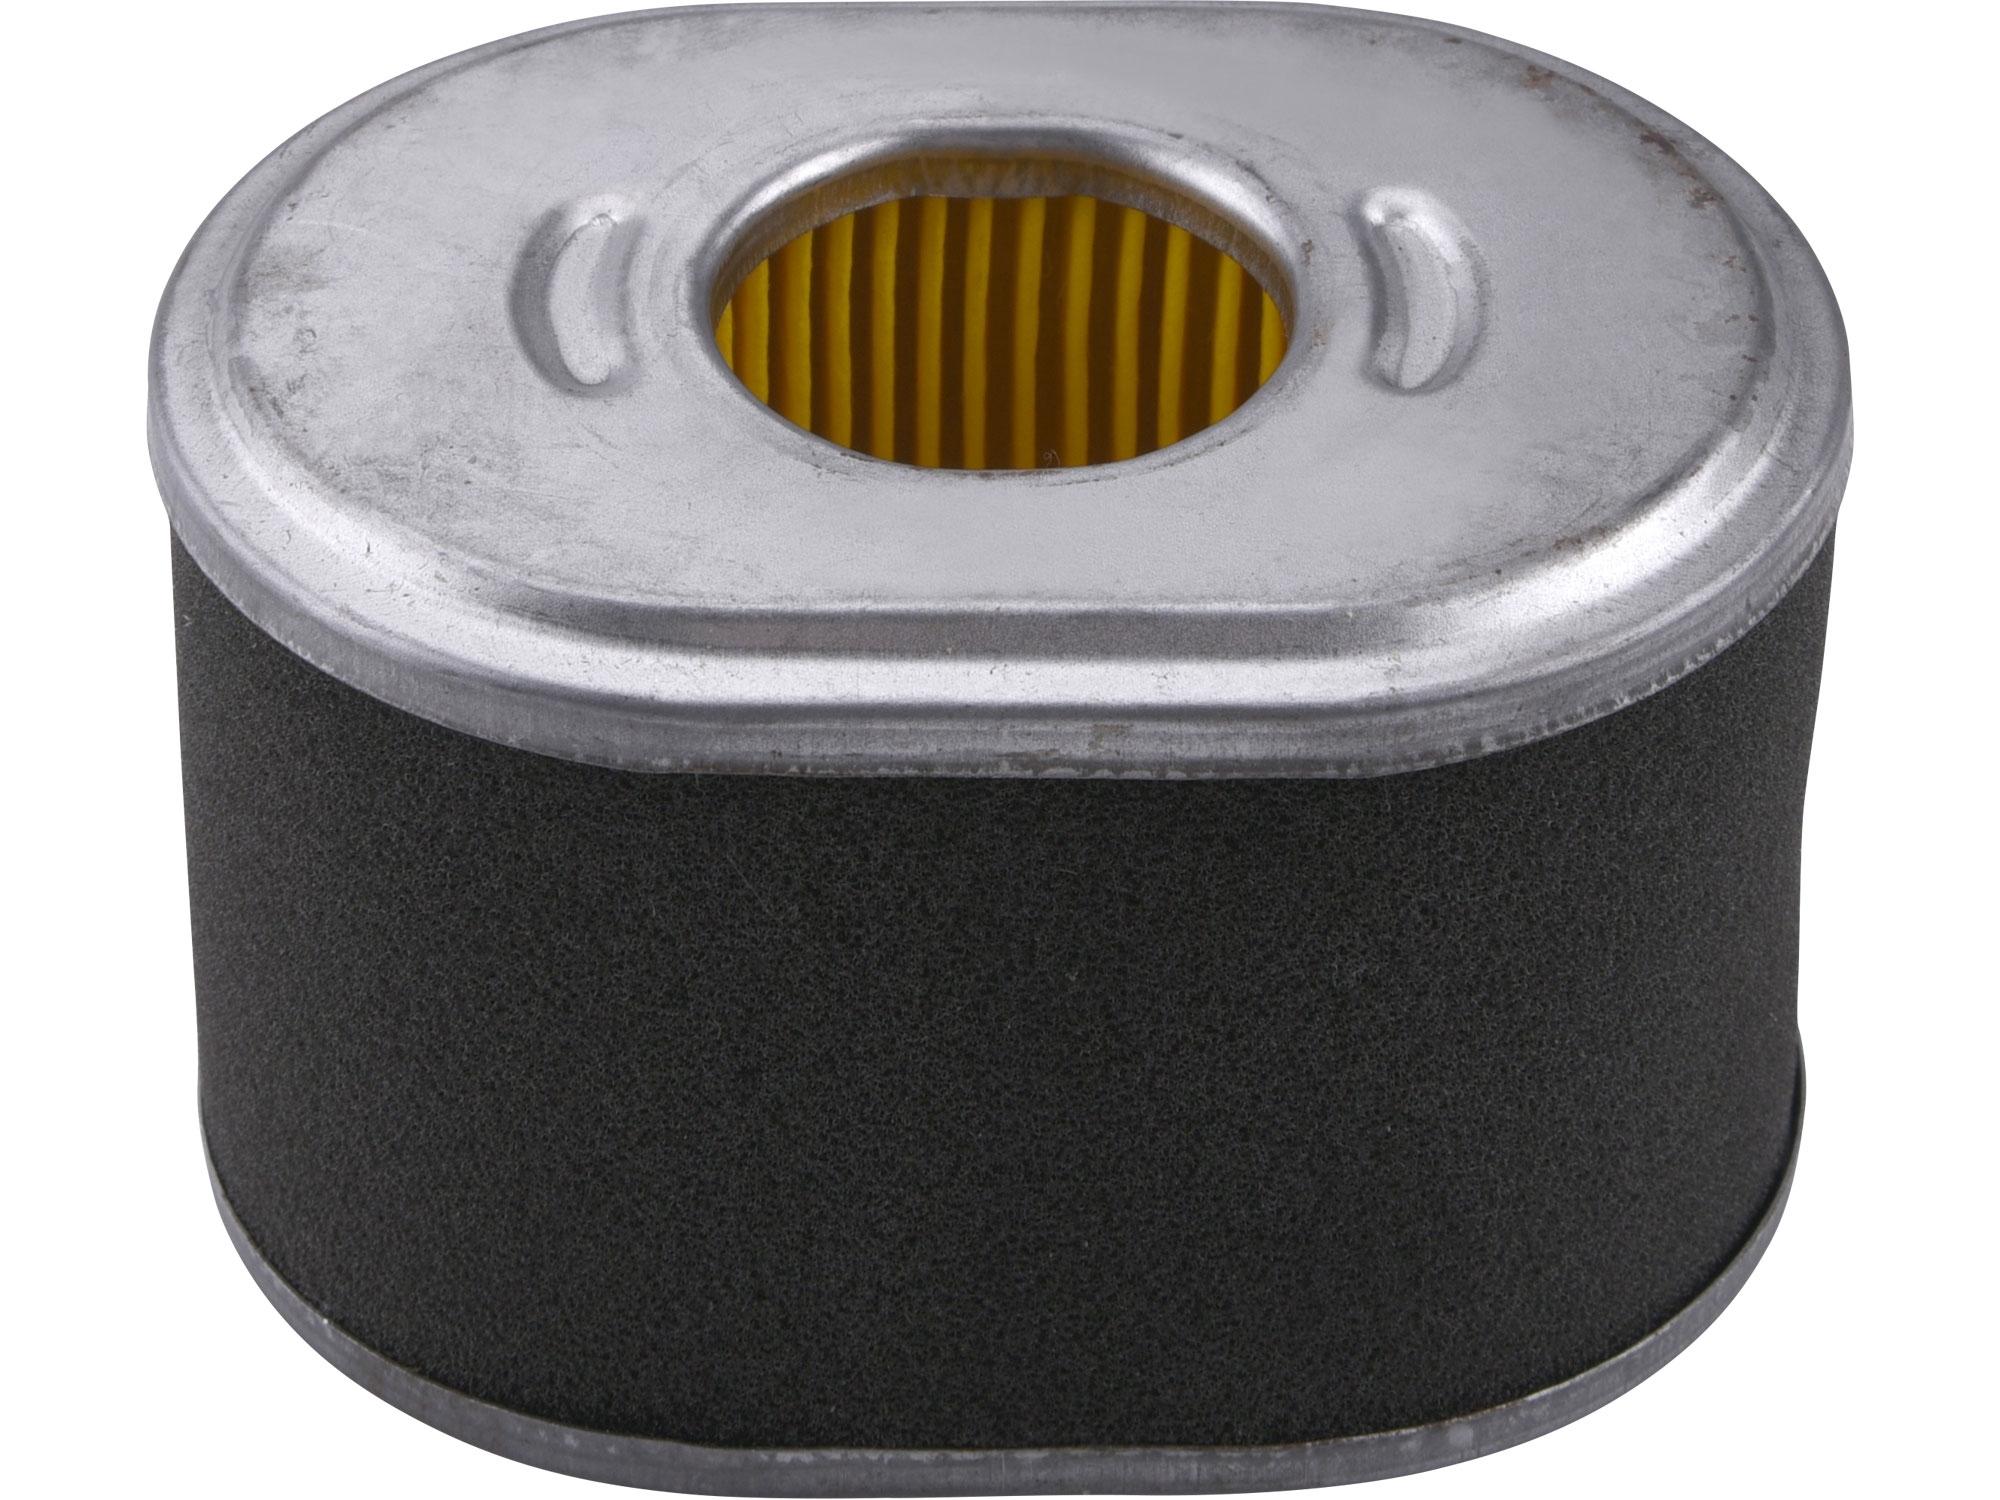 papírový vzduchový filtr pro motorové čerpalo HERON 8895102, 88